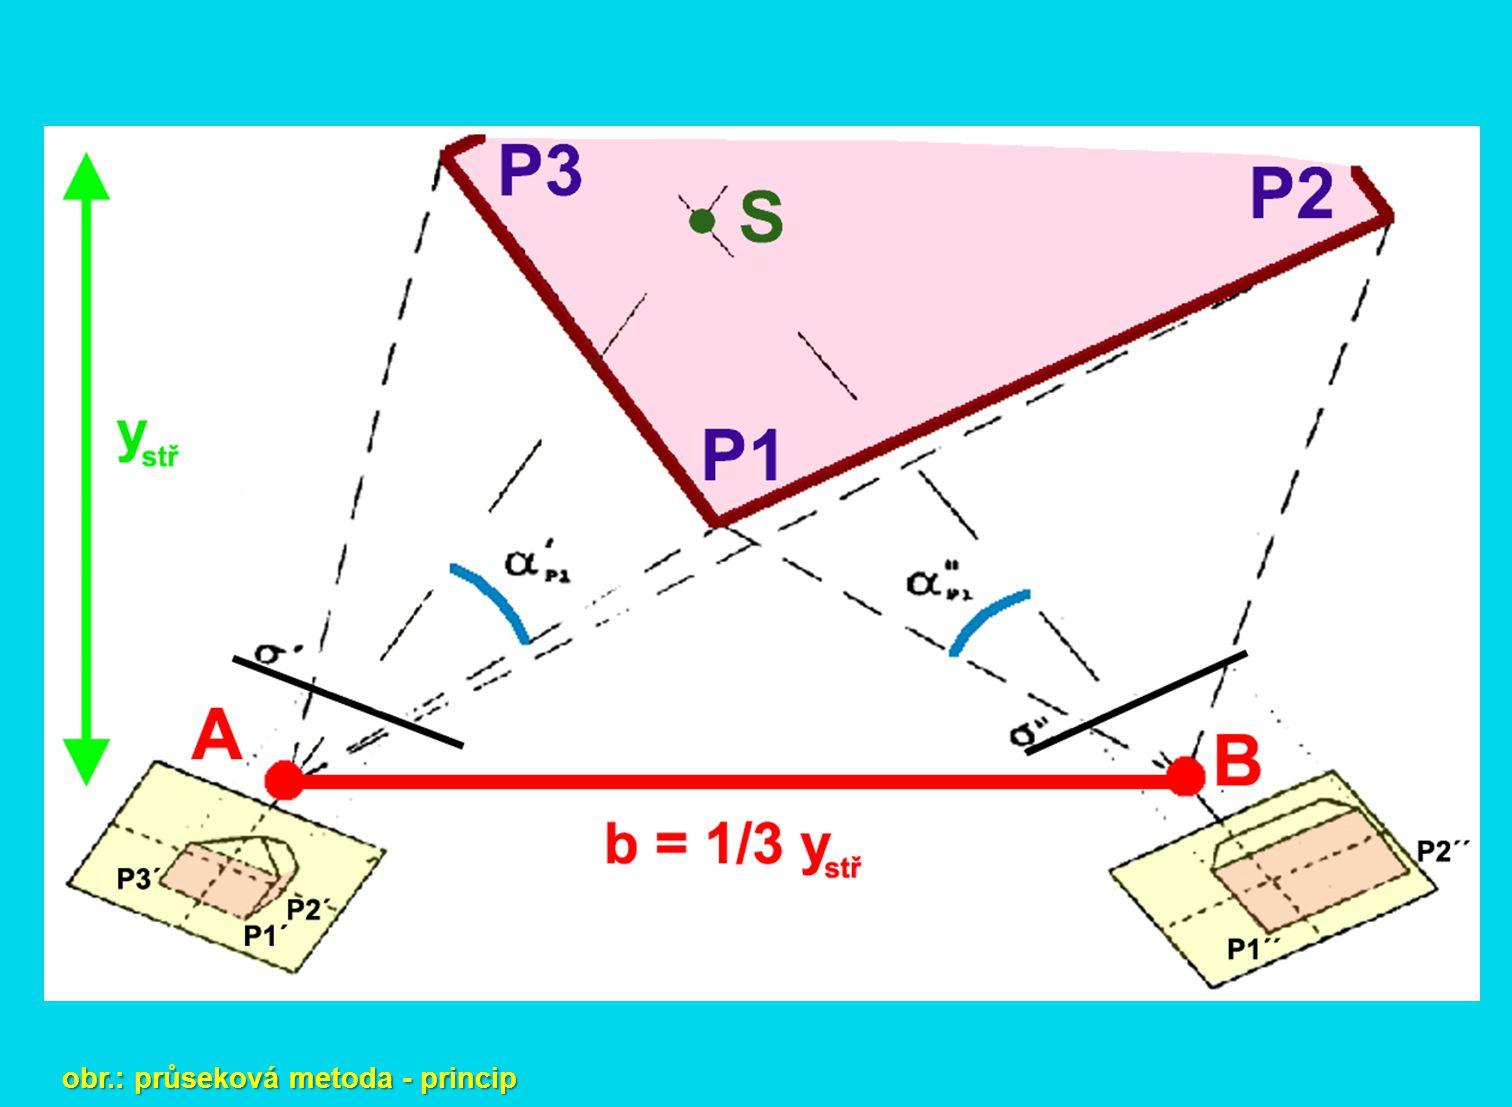 obr.: průseková metoda - princip